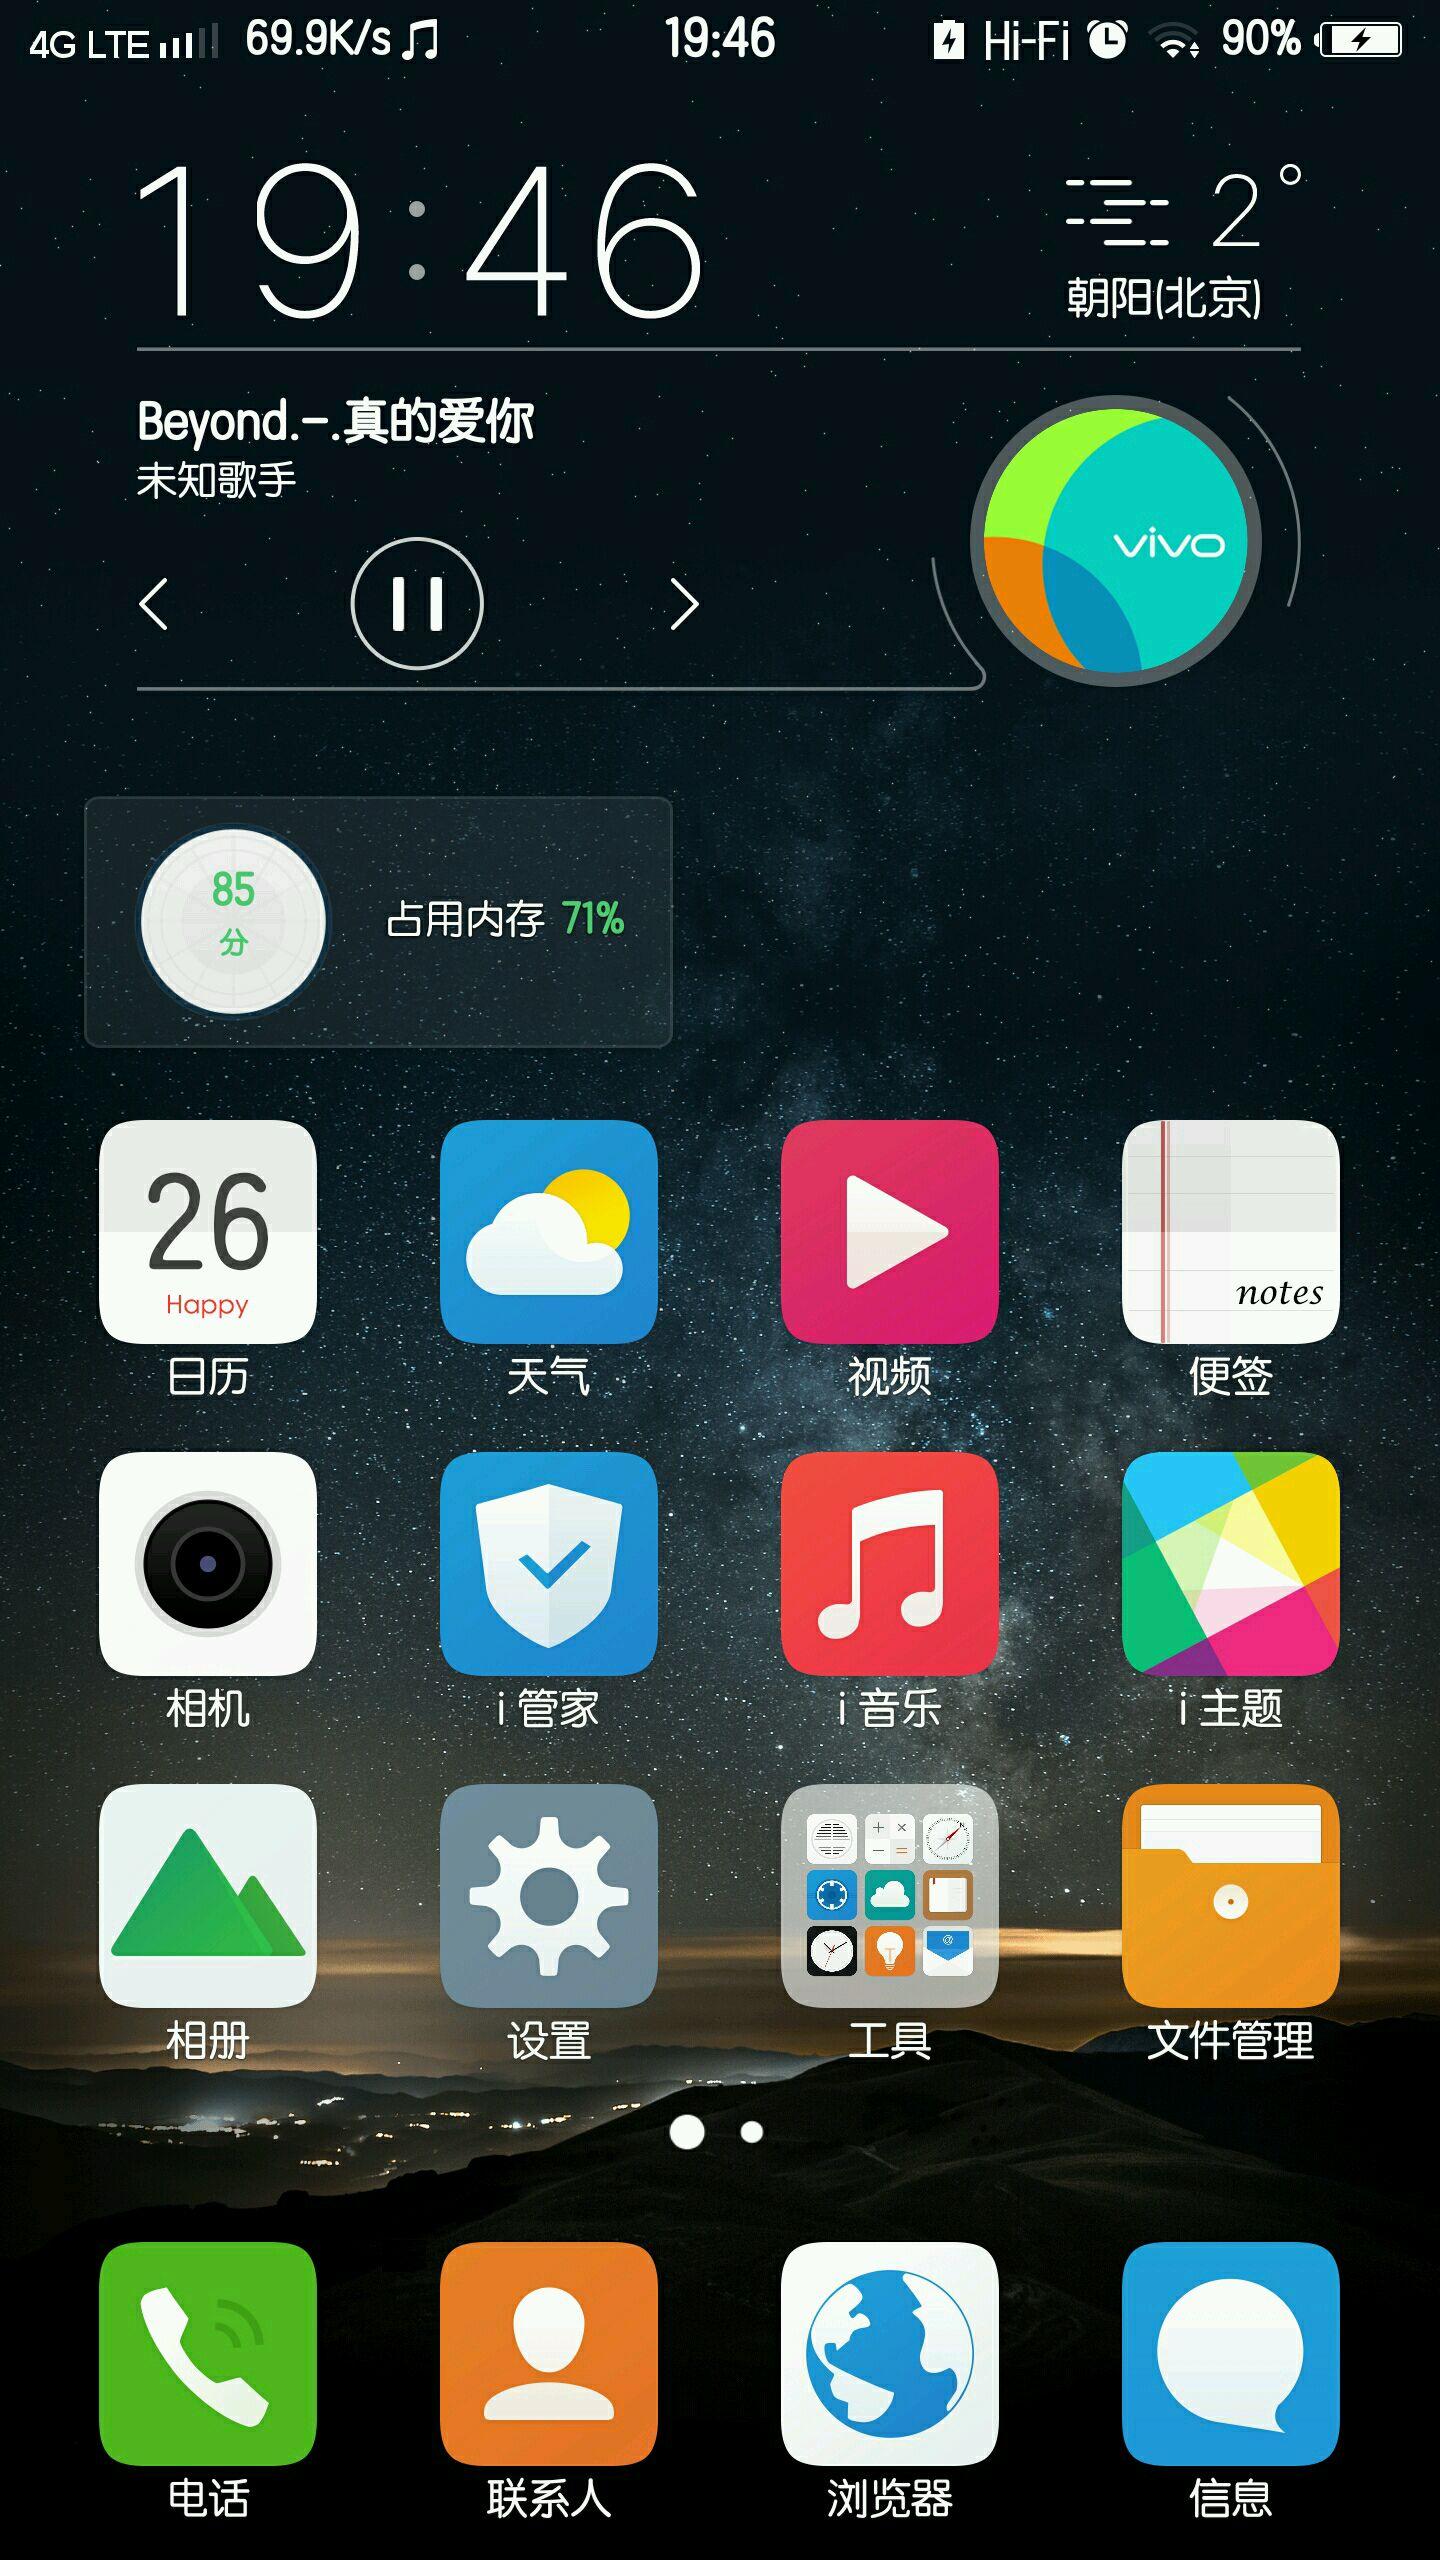 vivoxplay5a怎样让音乐播放器在锁屏界面显示音乐播放图片